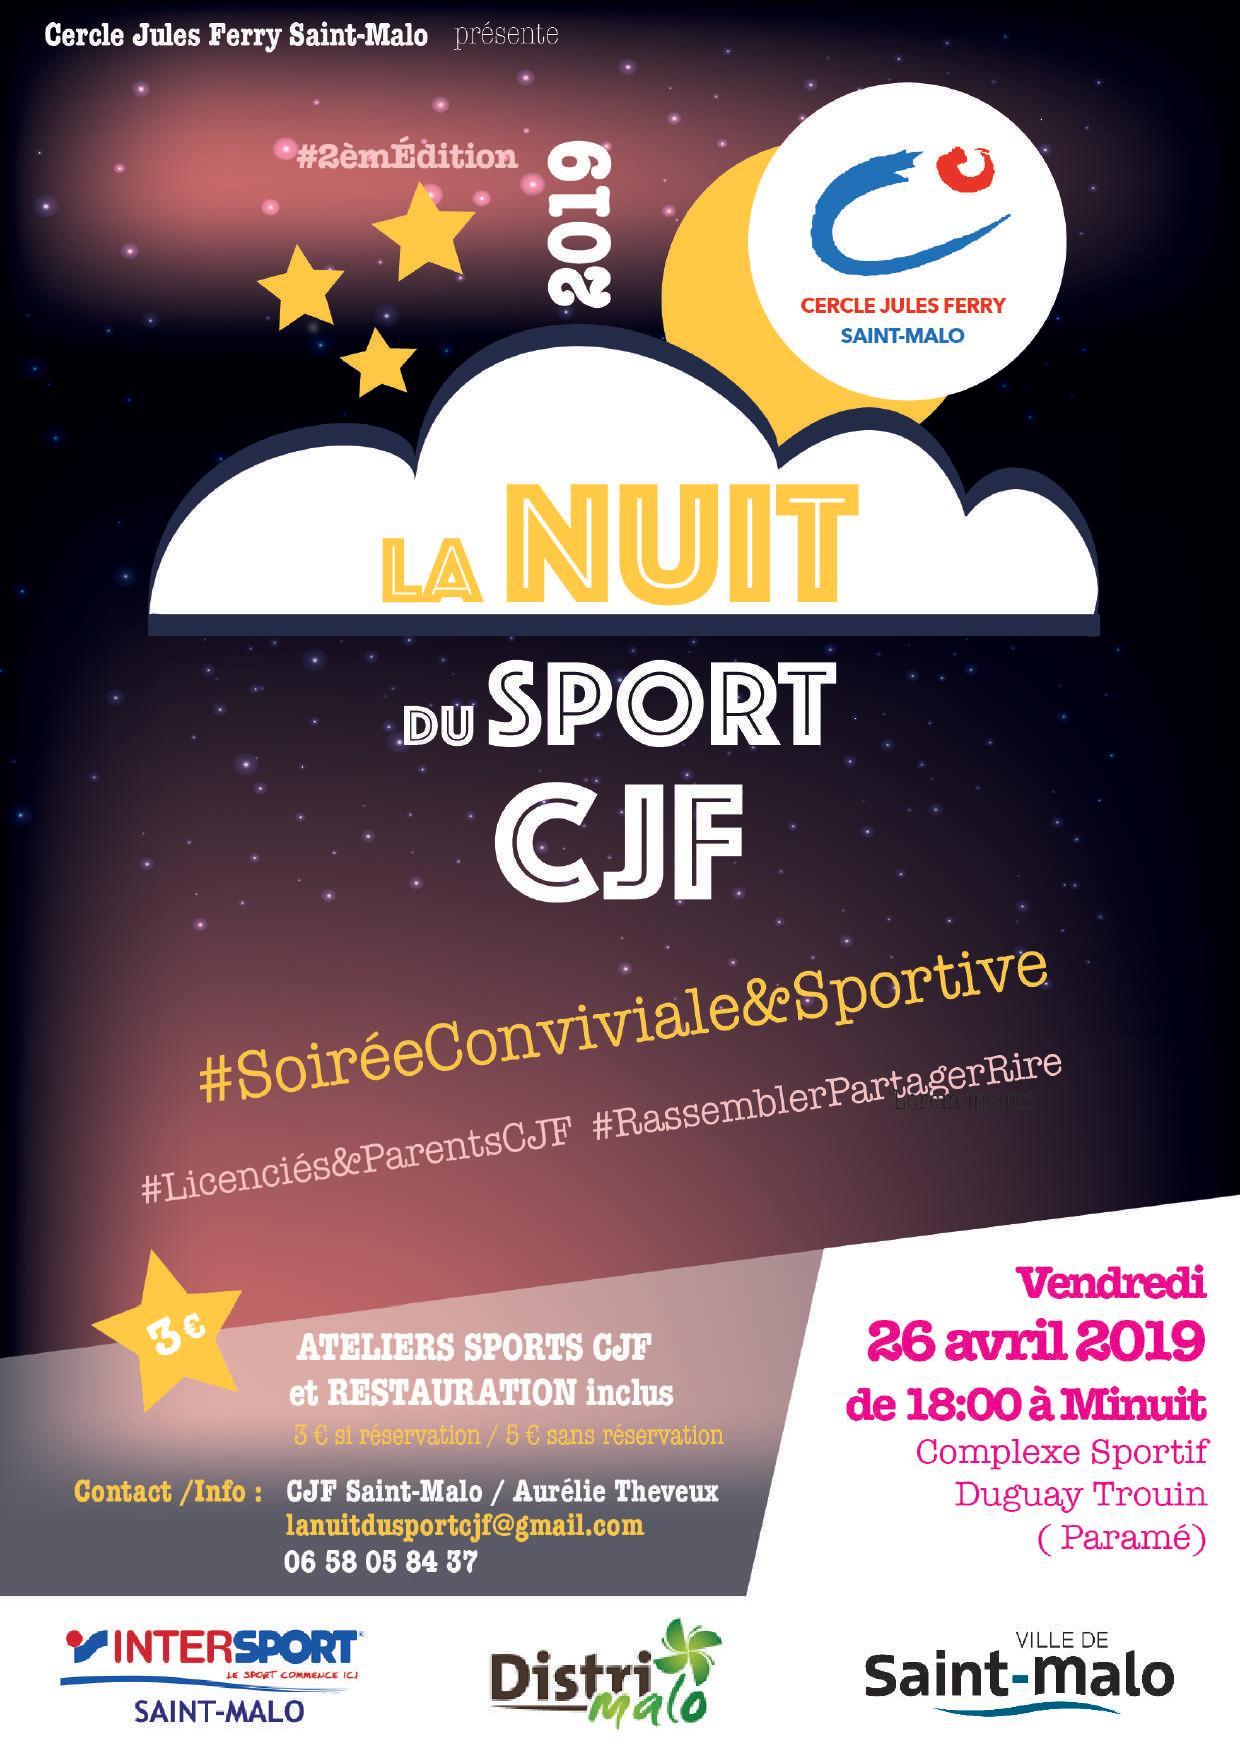 NUIT DU SPORT CJF 2019 validé-page-001